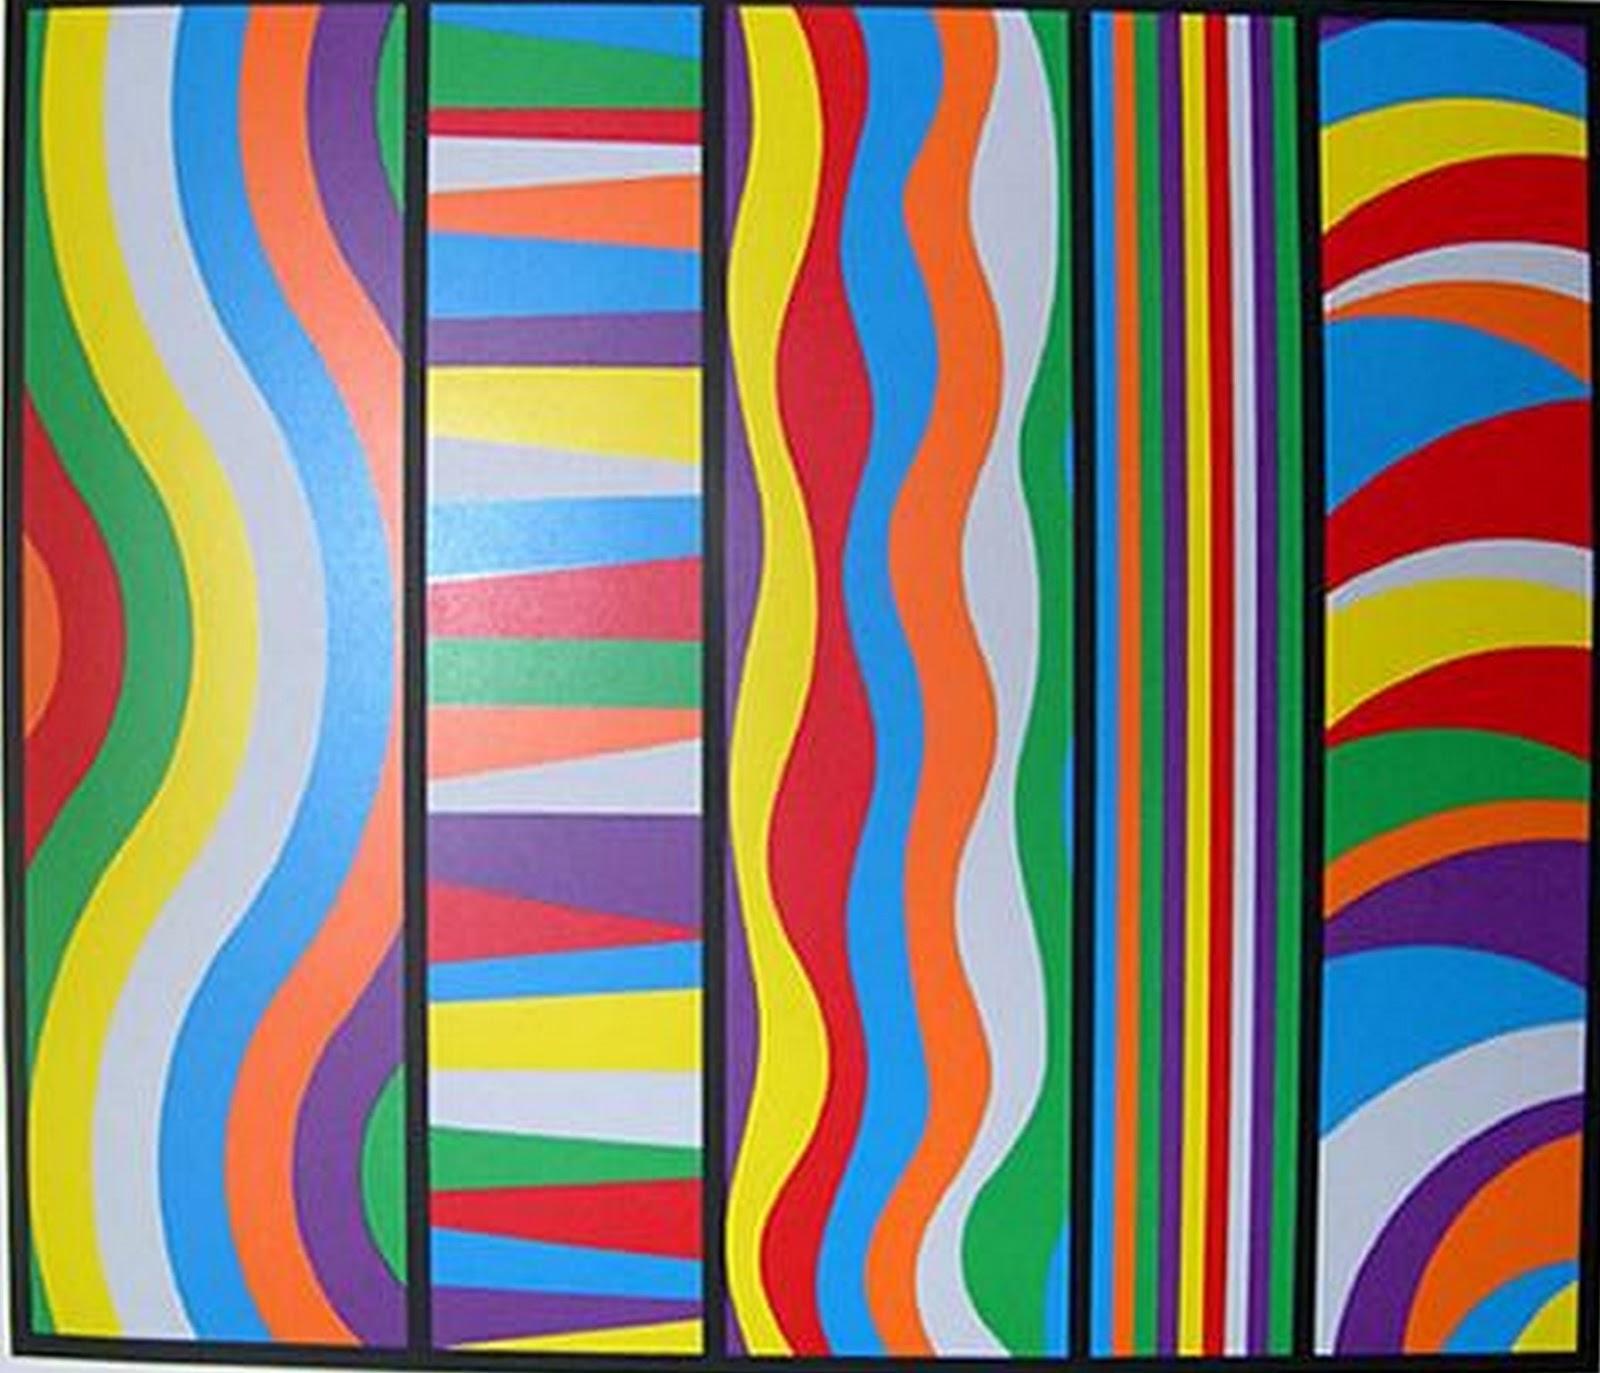 Pinturas cuadros lienzos cuadros abstractos minimalistas - Cuadros abstractos minimalistas ...